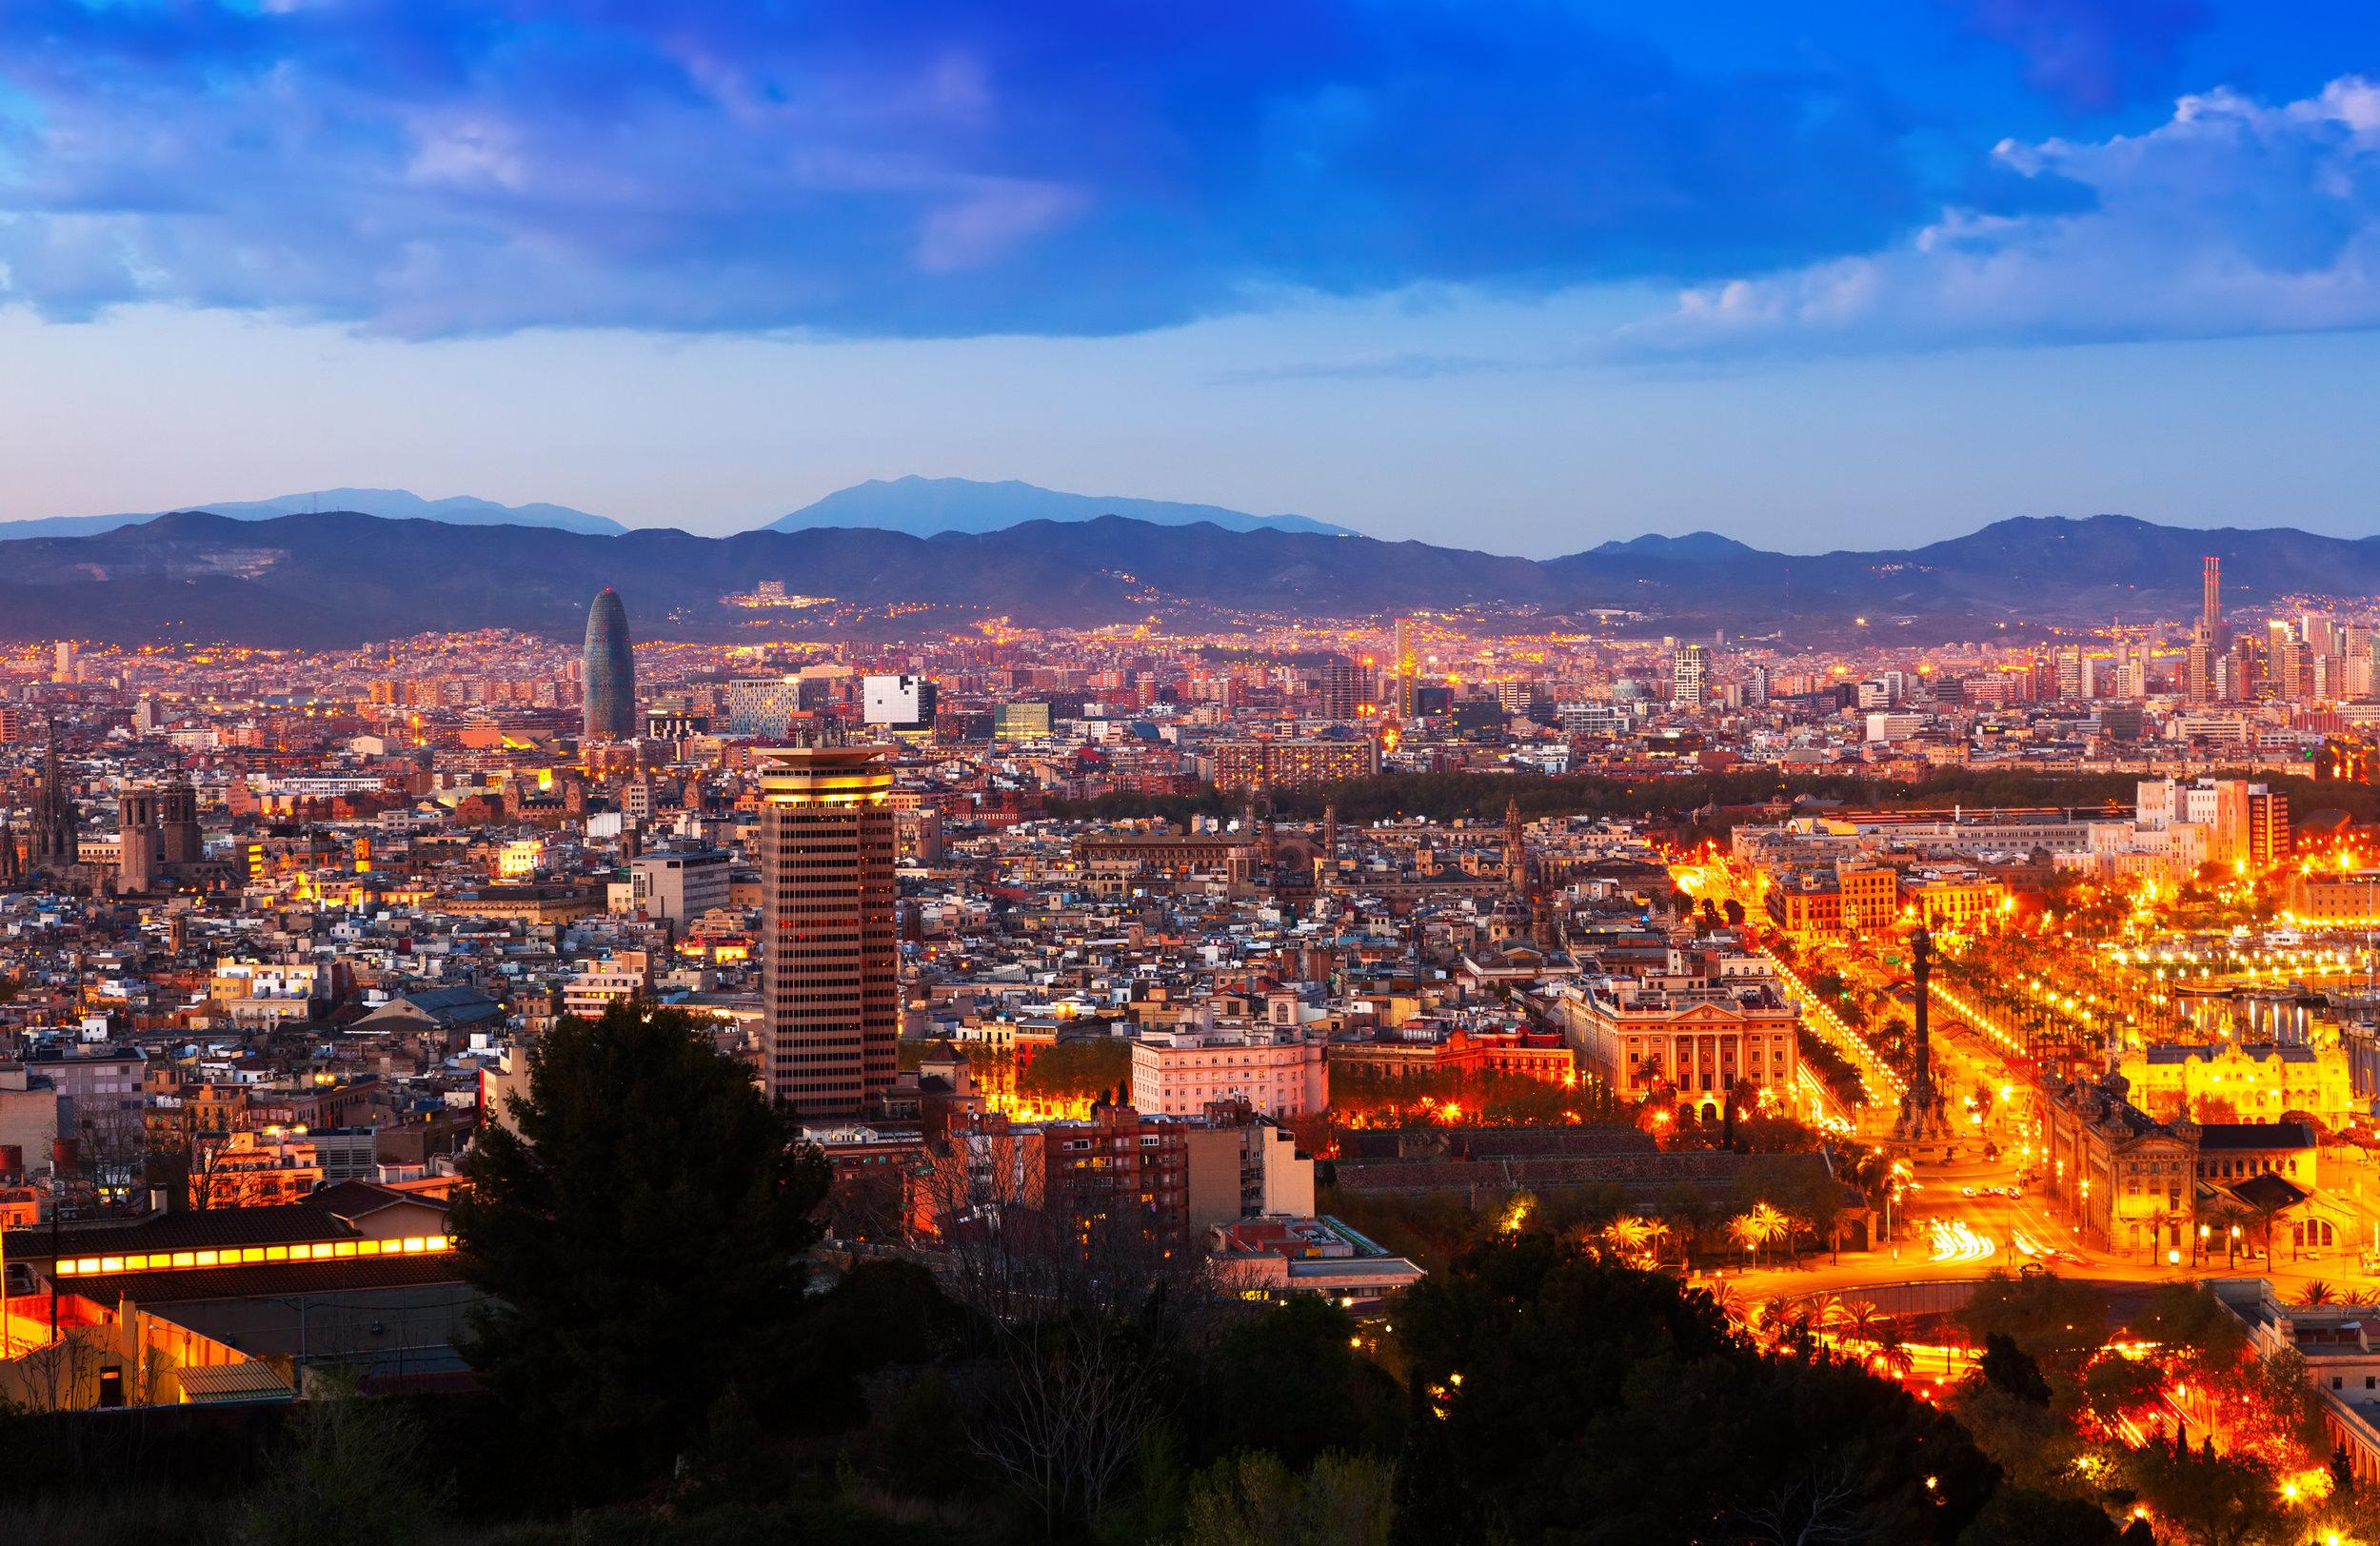 vivre en Espagne expats